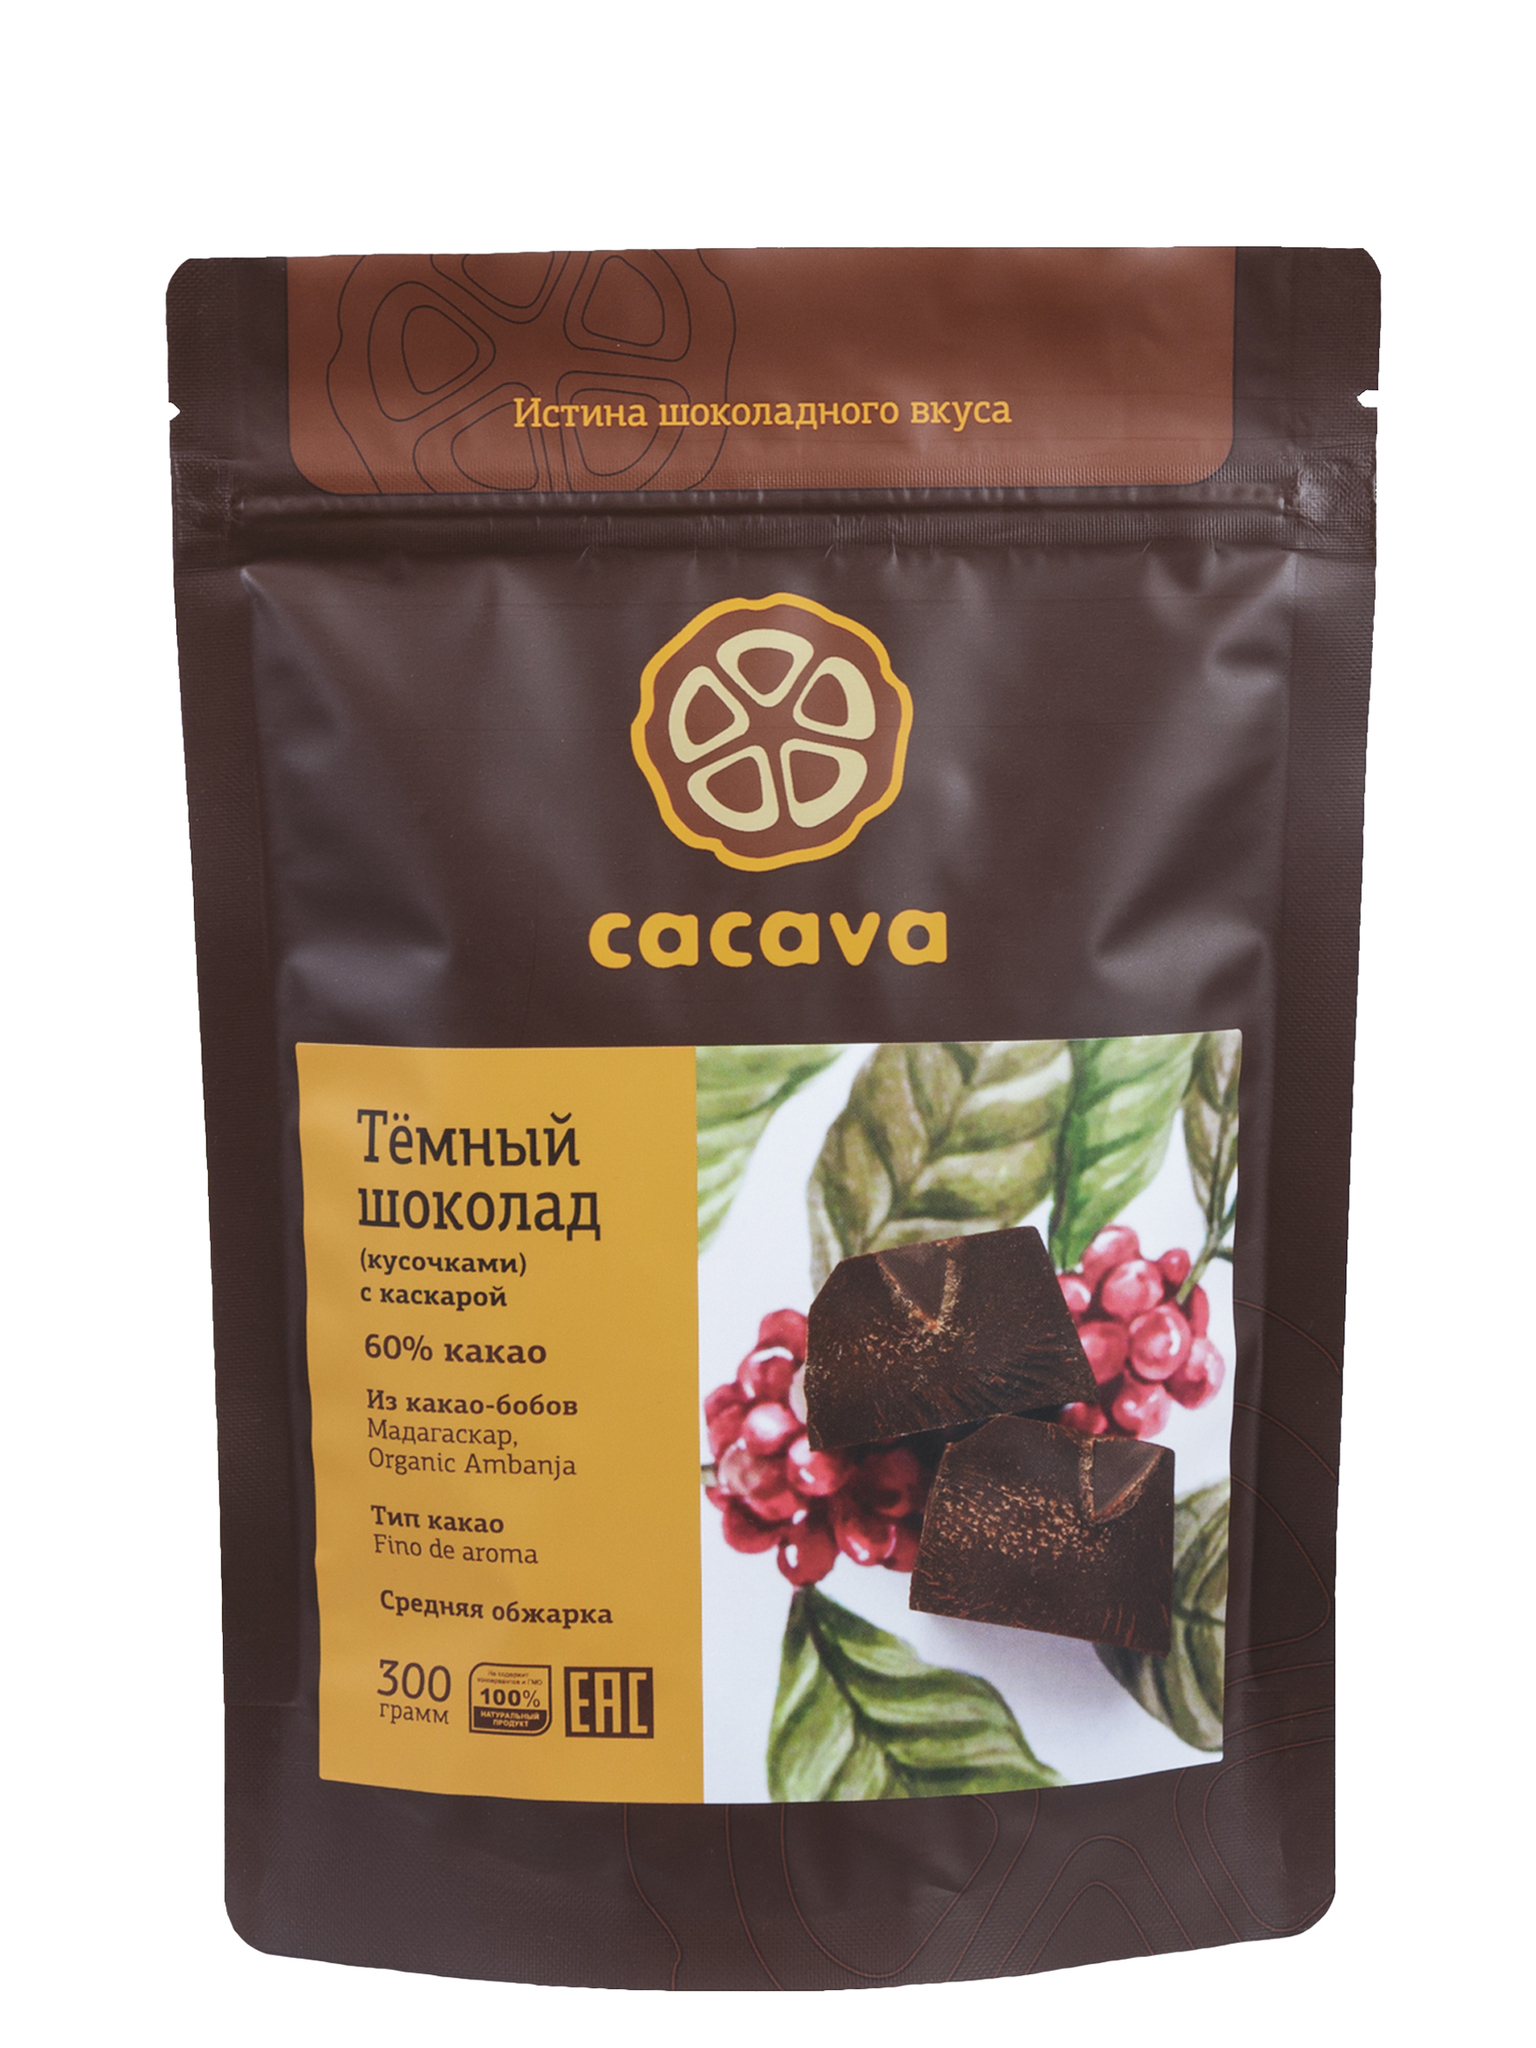 Тёмный шоколад с каскарой 60 % какао (Мадагаскар), упаковка 300 грамм